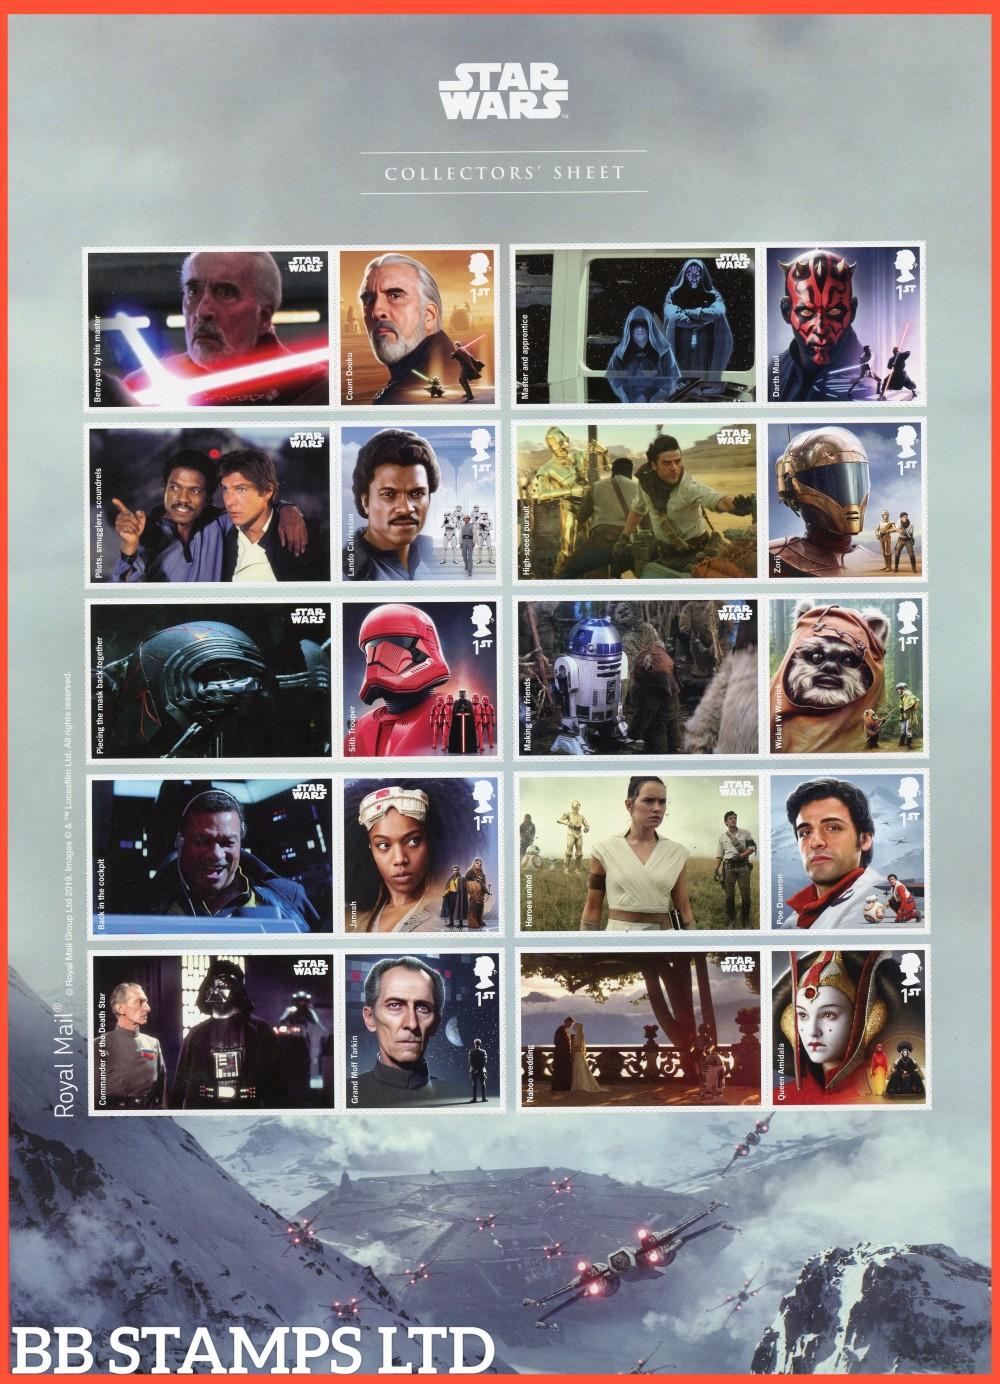 2019 Star Wars Sheet 26.11.19